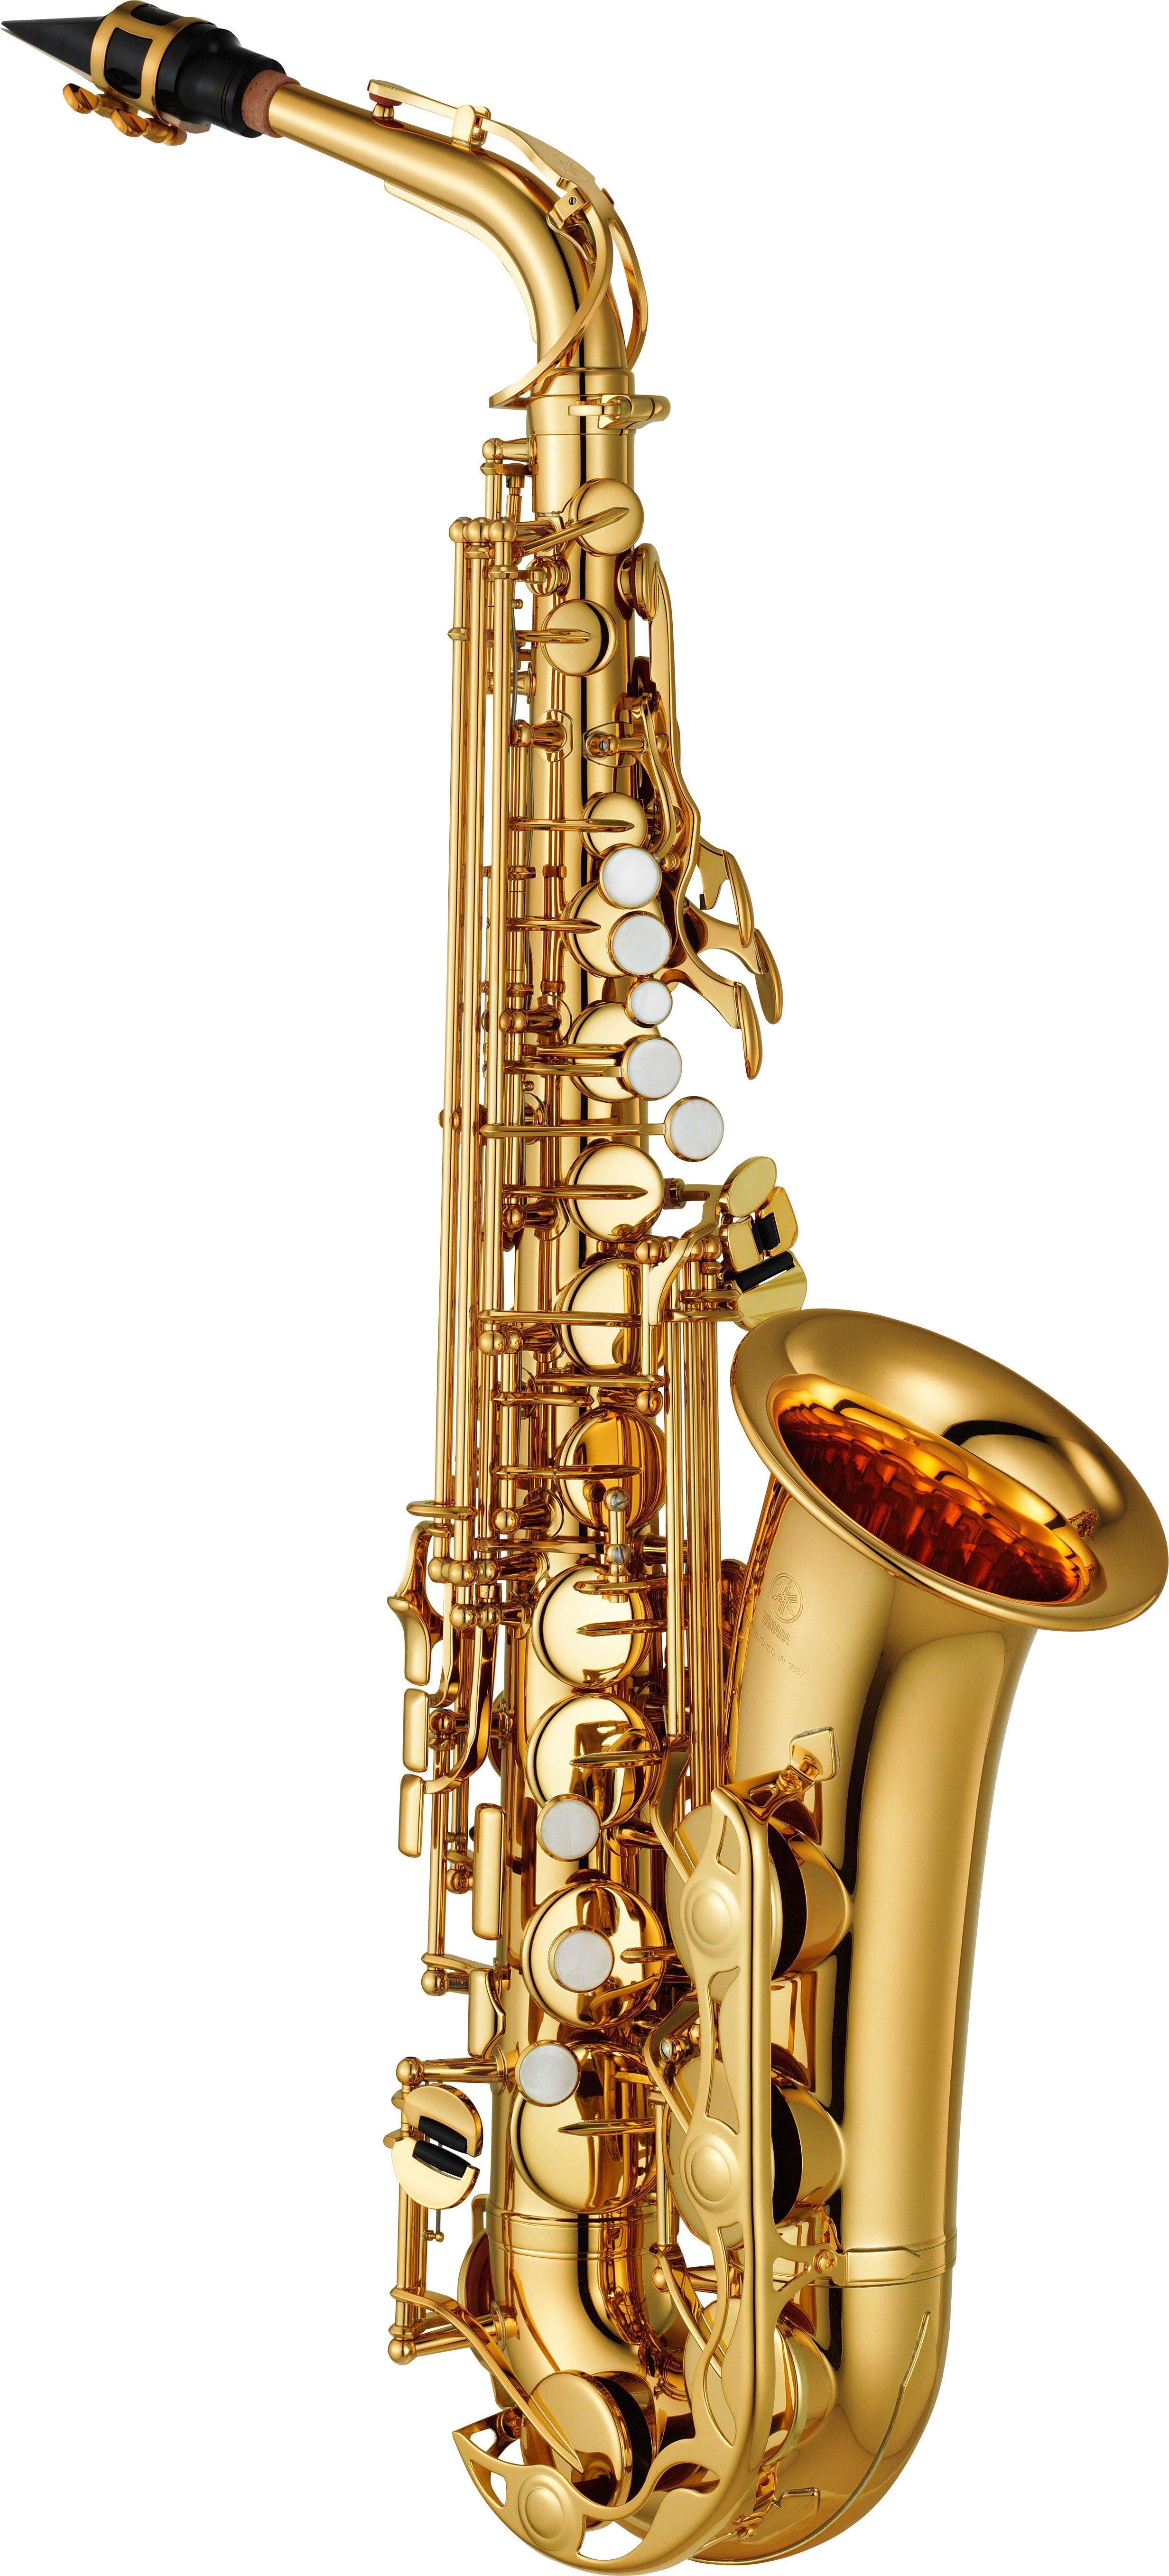 Yamaha - YAS-280 - Holzblasinstrumente - Saxophone | MUSIK BERTRAM Deutschland Freiburg